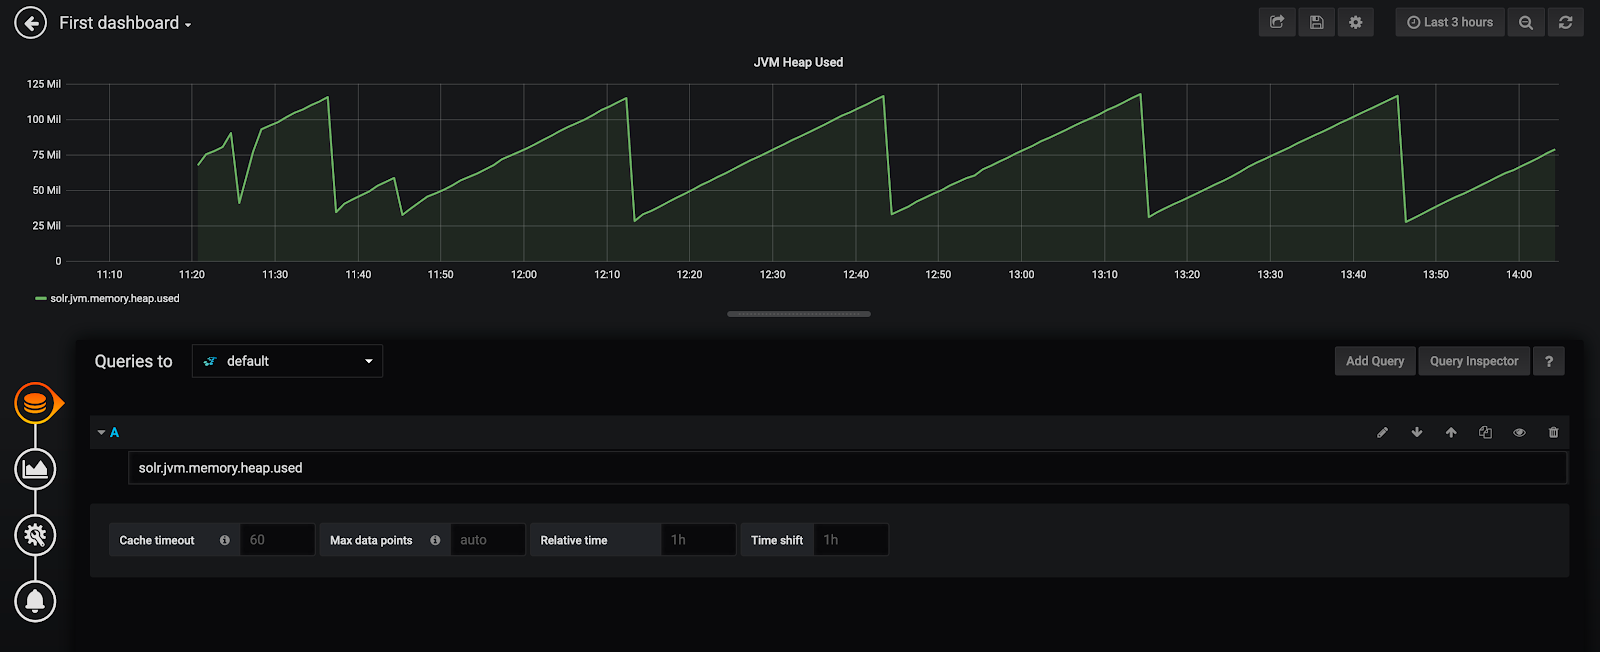 Monitoring Tools Dashboard